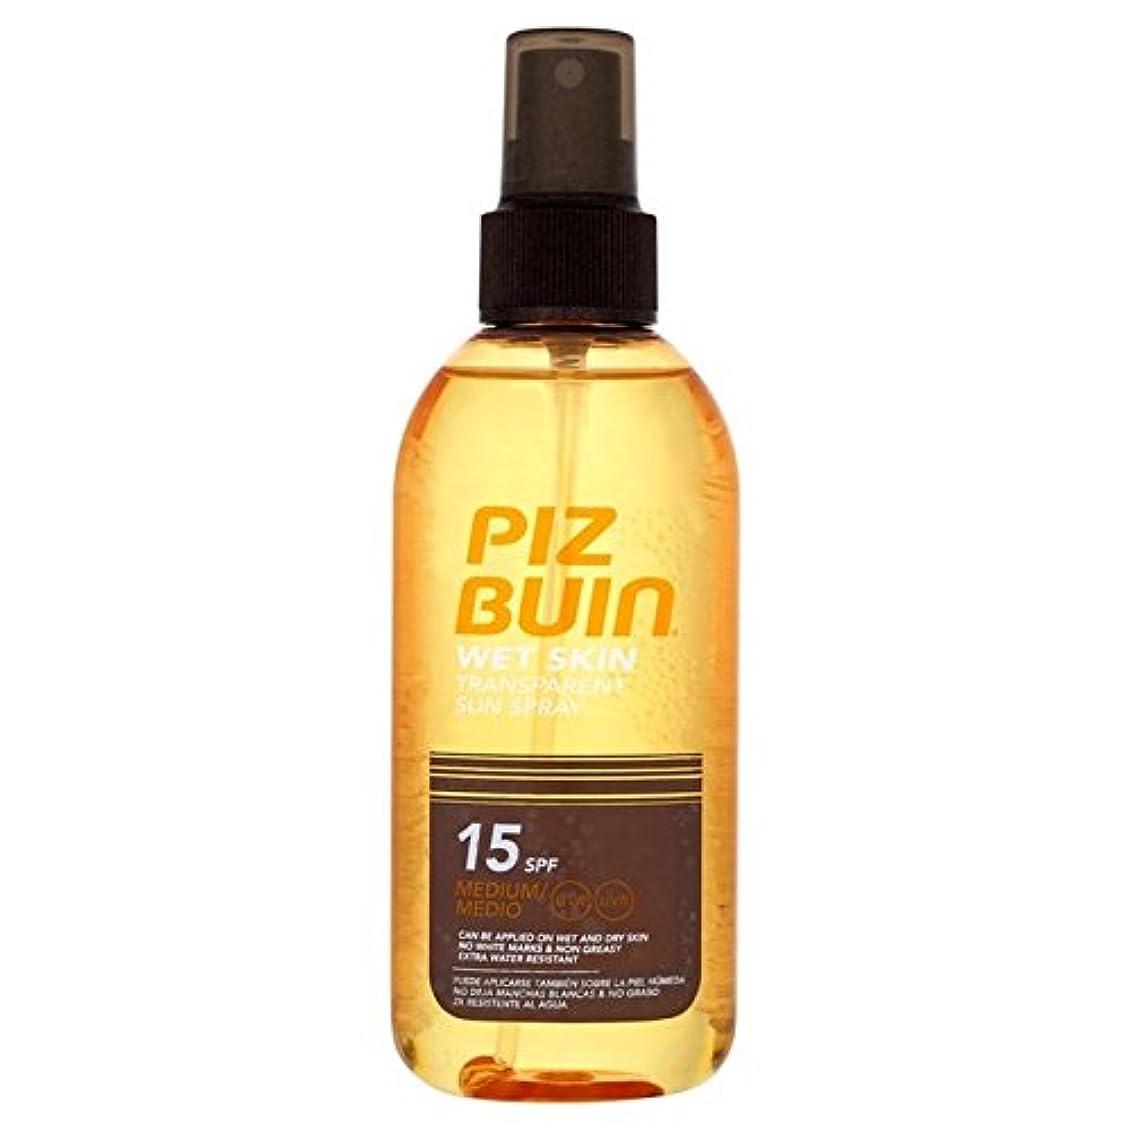 つづりメディア法的Piz Buin Wet Transparent Skin SPF15 150ml (Pack of 6) - ピッツブーインの湿った透明肌15の150ミリリットル x6 [並行輸入品]